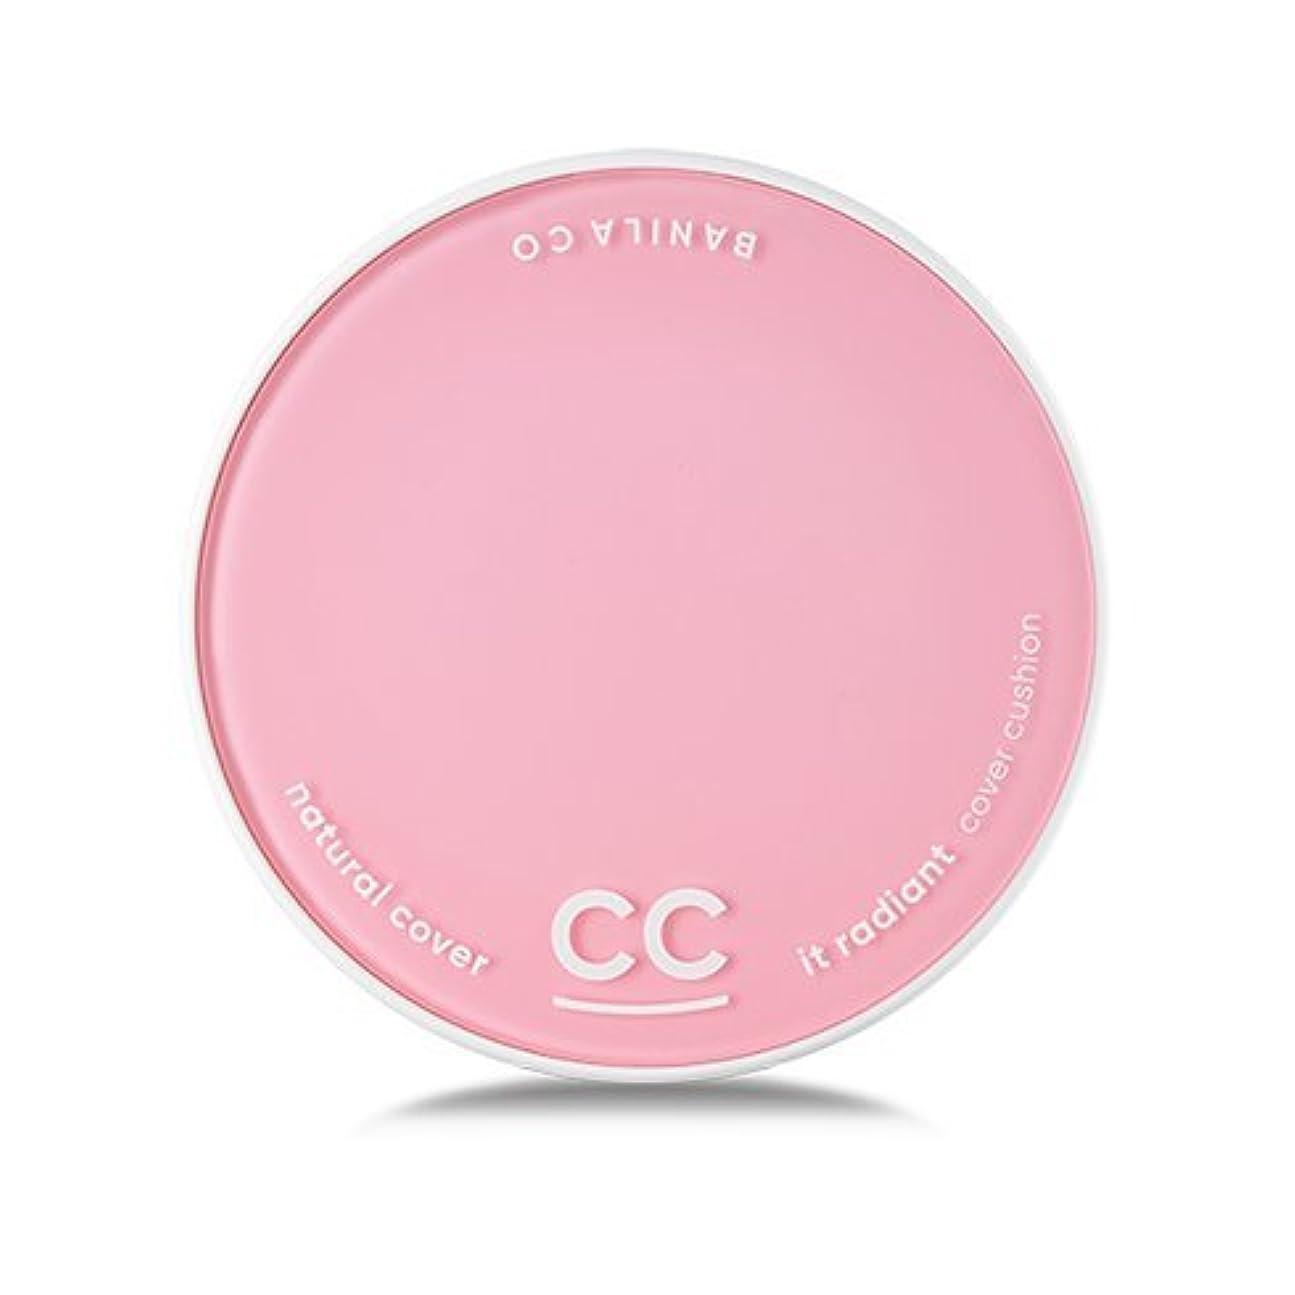 禁じるパキスタン人好き[Renewal] BANILA CO It Radiant CC Cover Cushion 12g + Refill 12g/バニラコ イット ラディアント CC カバー クッション 12g + リフィル 12g (...